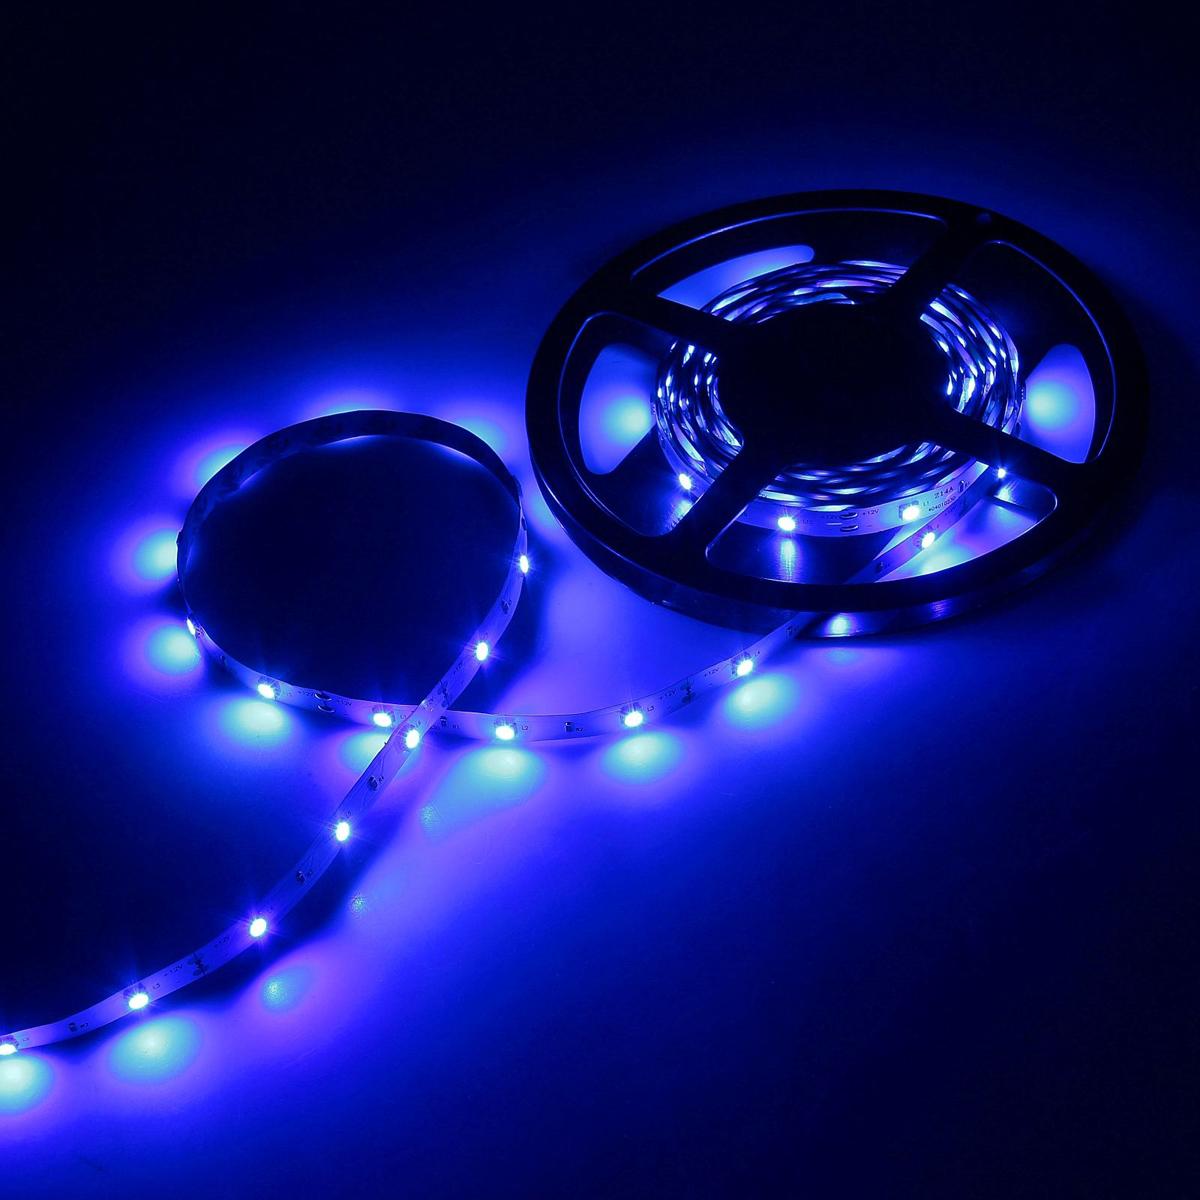 Светодиодная лента Luazon, 12В, SMD5050, длина 5 м, IP33, 30 LED ламп, 7.2 Вт/м, 14-16 Лм/1 LED, DC, цвет: синий883917Светодиодные гирлянды, ленты и т.д — это отличный вариант для новогоднего оформления интерьера или фасада. С их помощью помещение любого размера можно превратить в праздничный зал, а внешние элементы зданий, украшенные ими, мгновенно станут напоминать очертания сказочного дворца. Такие украшения создают ауру предвкушения чуда. Деревья, фасады, витрины, окна и арки будто специально созданы, чтобы вы украсили их светящимися нитями.